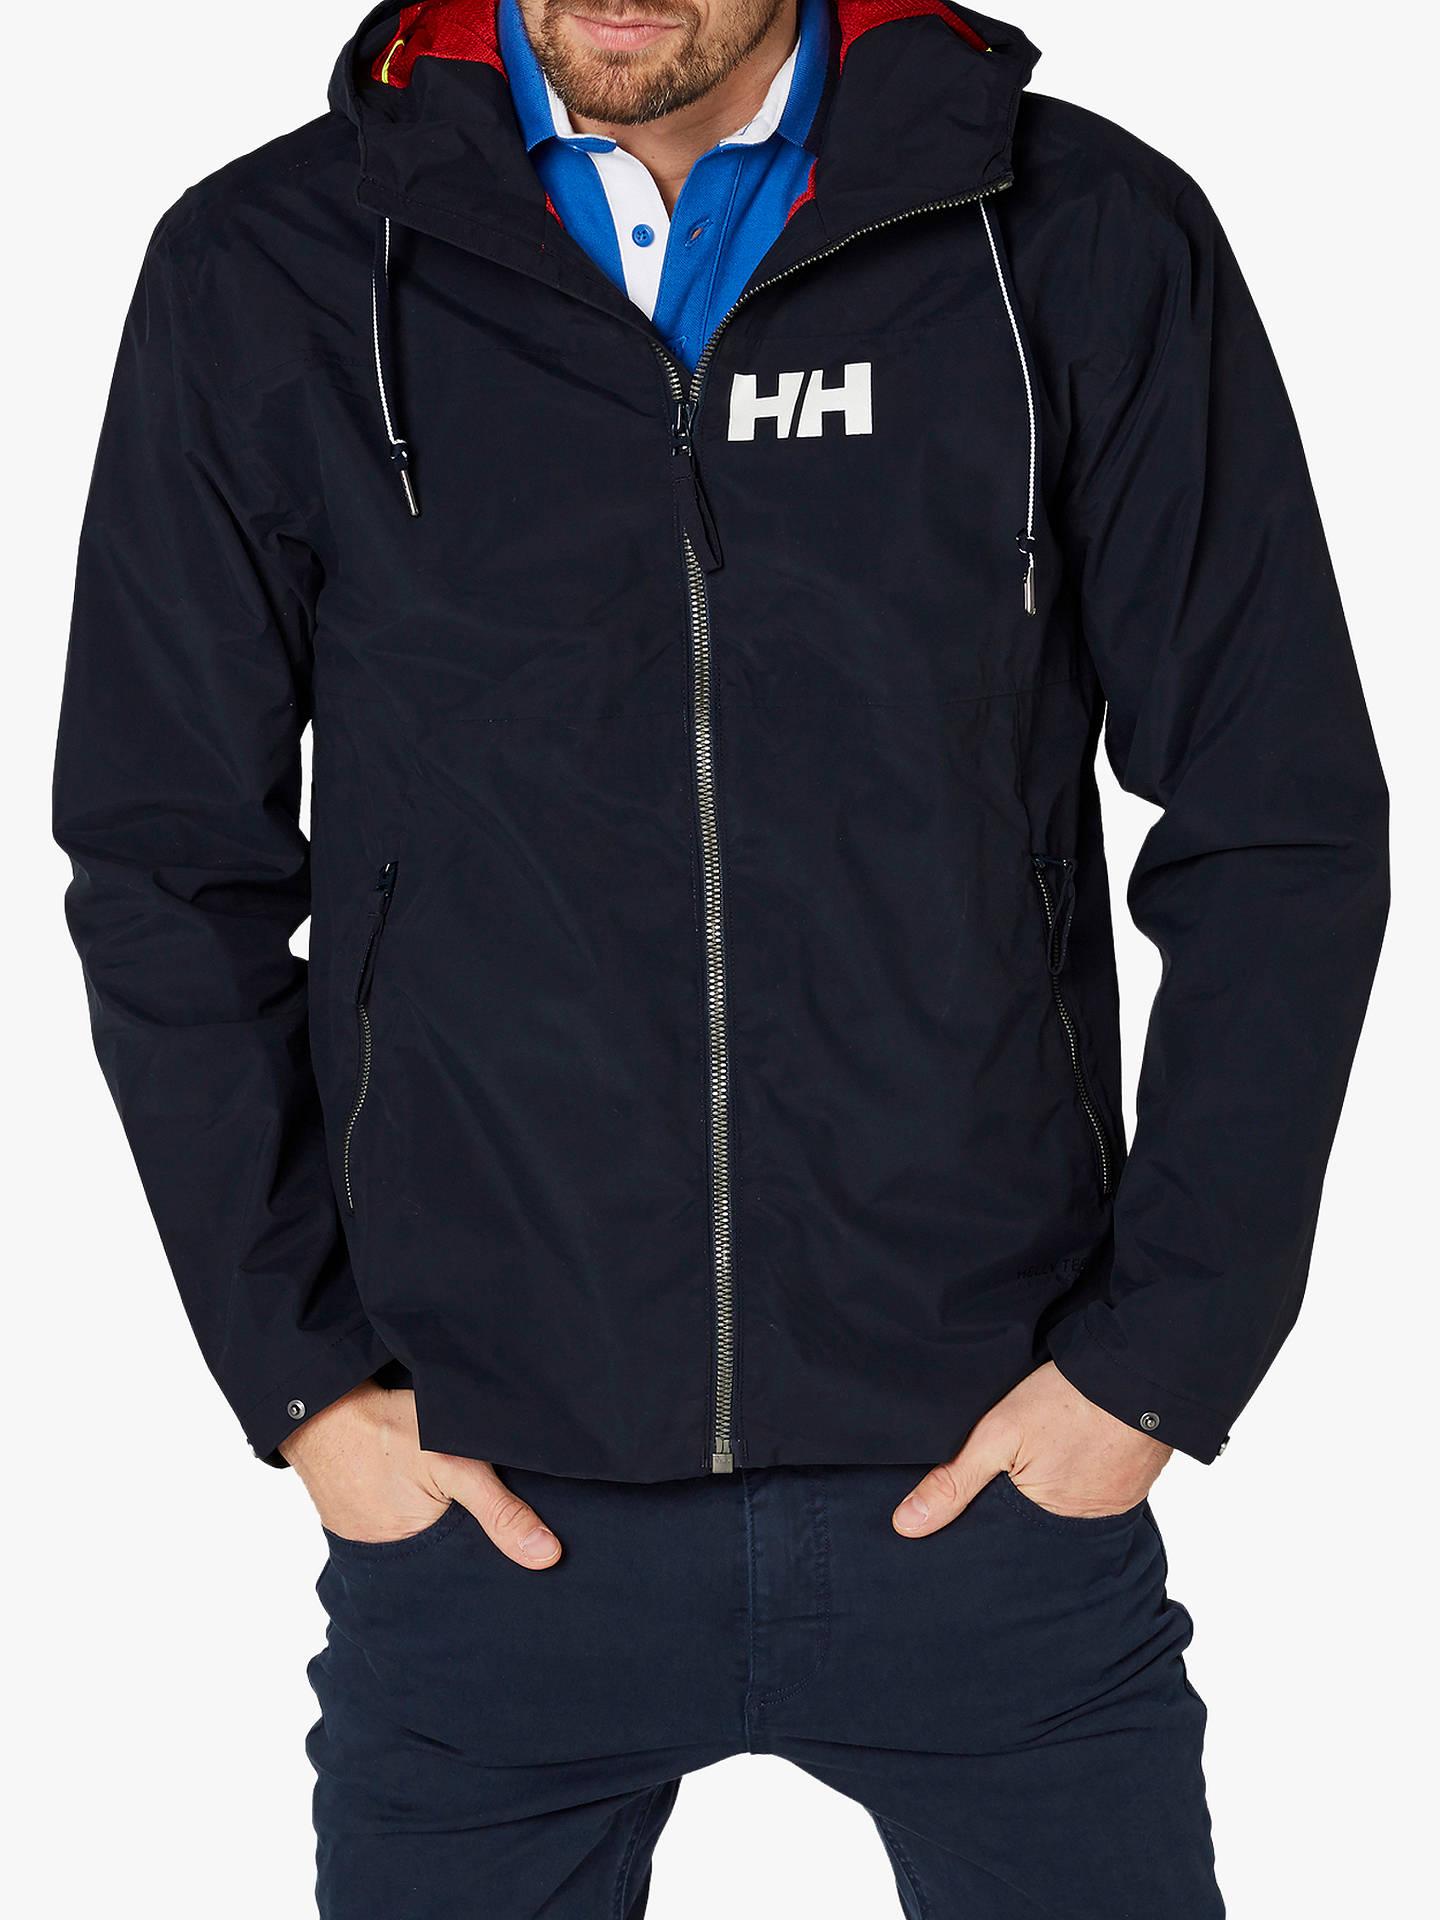 Helly Hansen Menss Rigging Rain Jacket